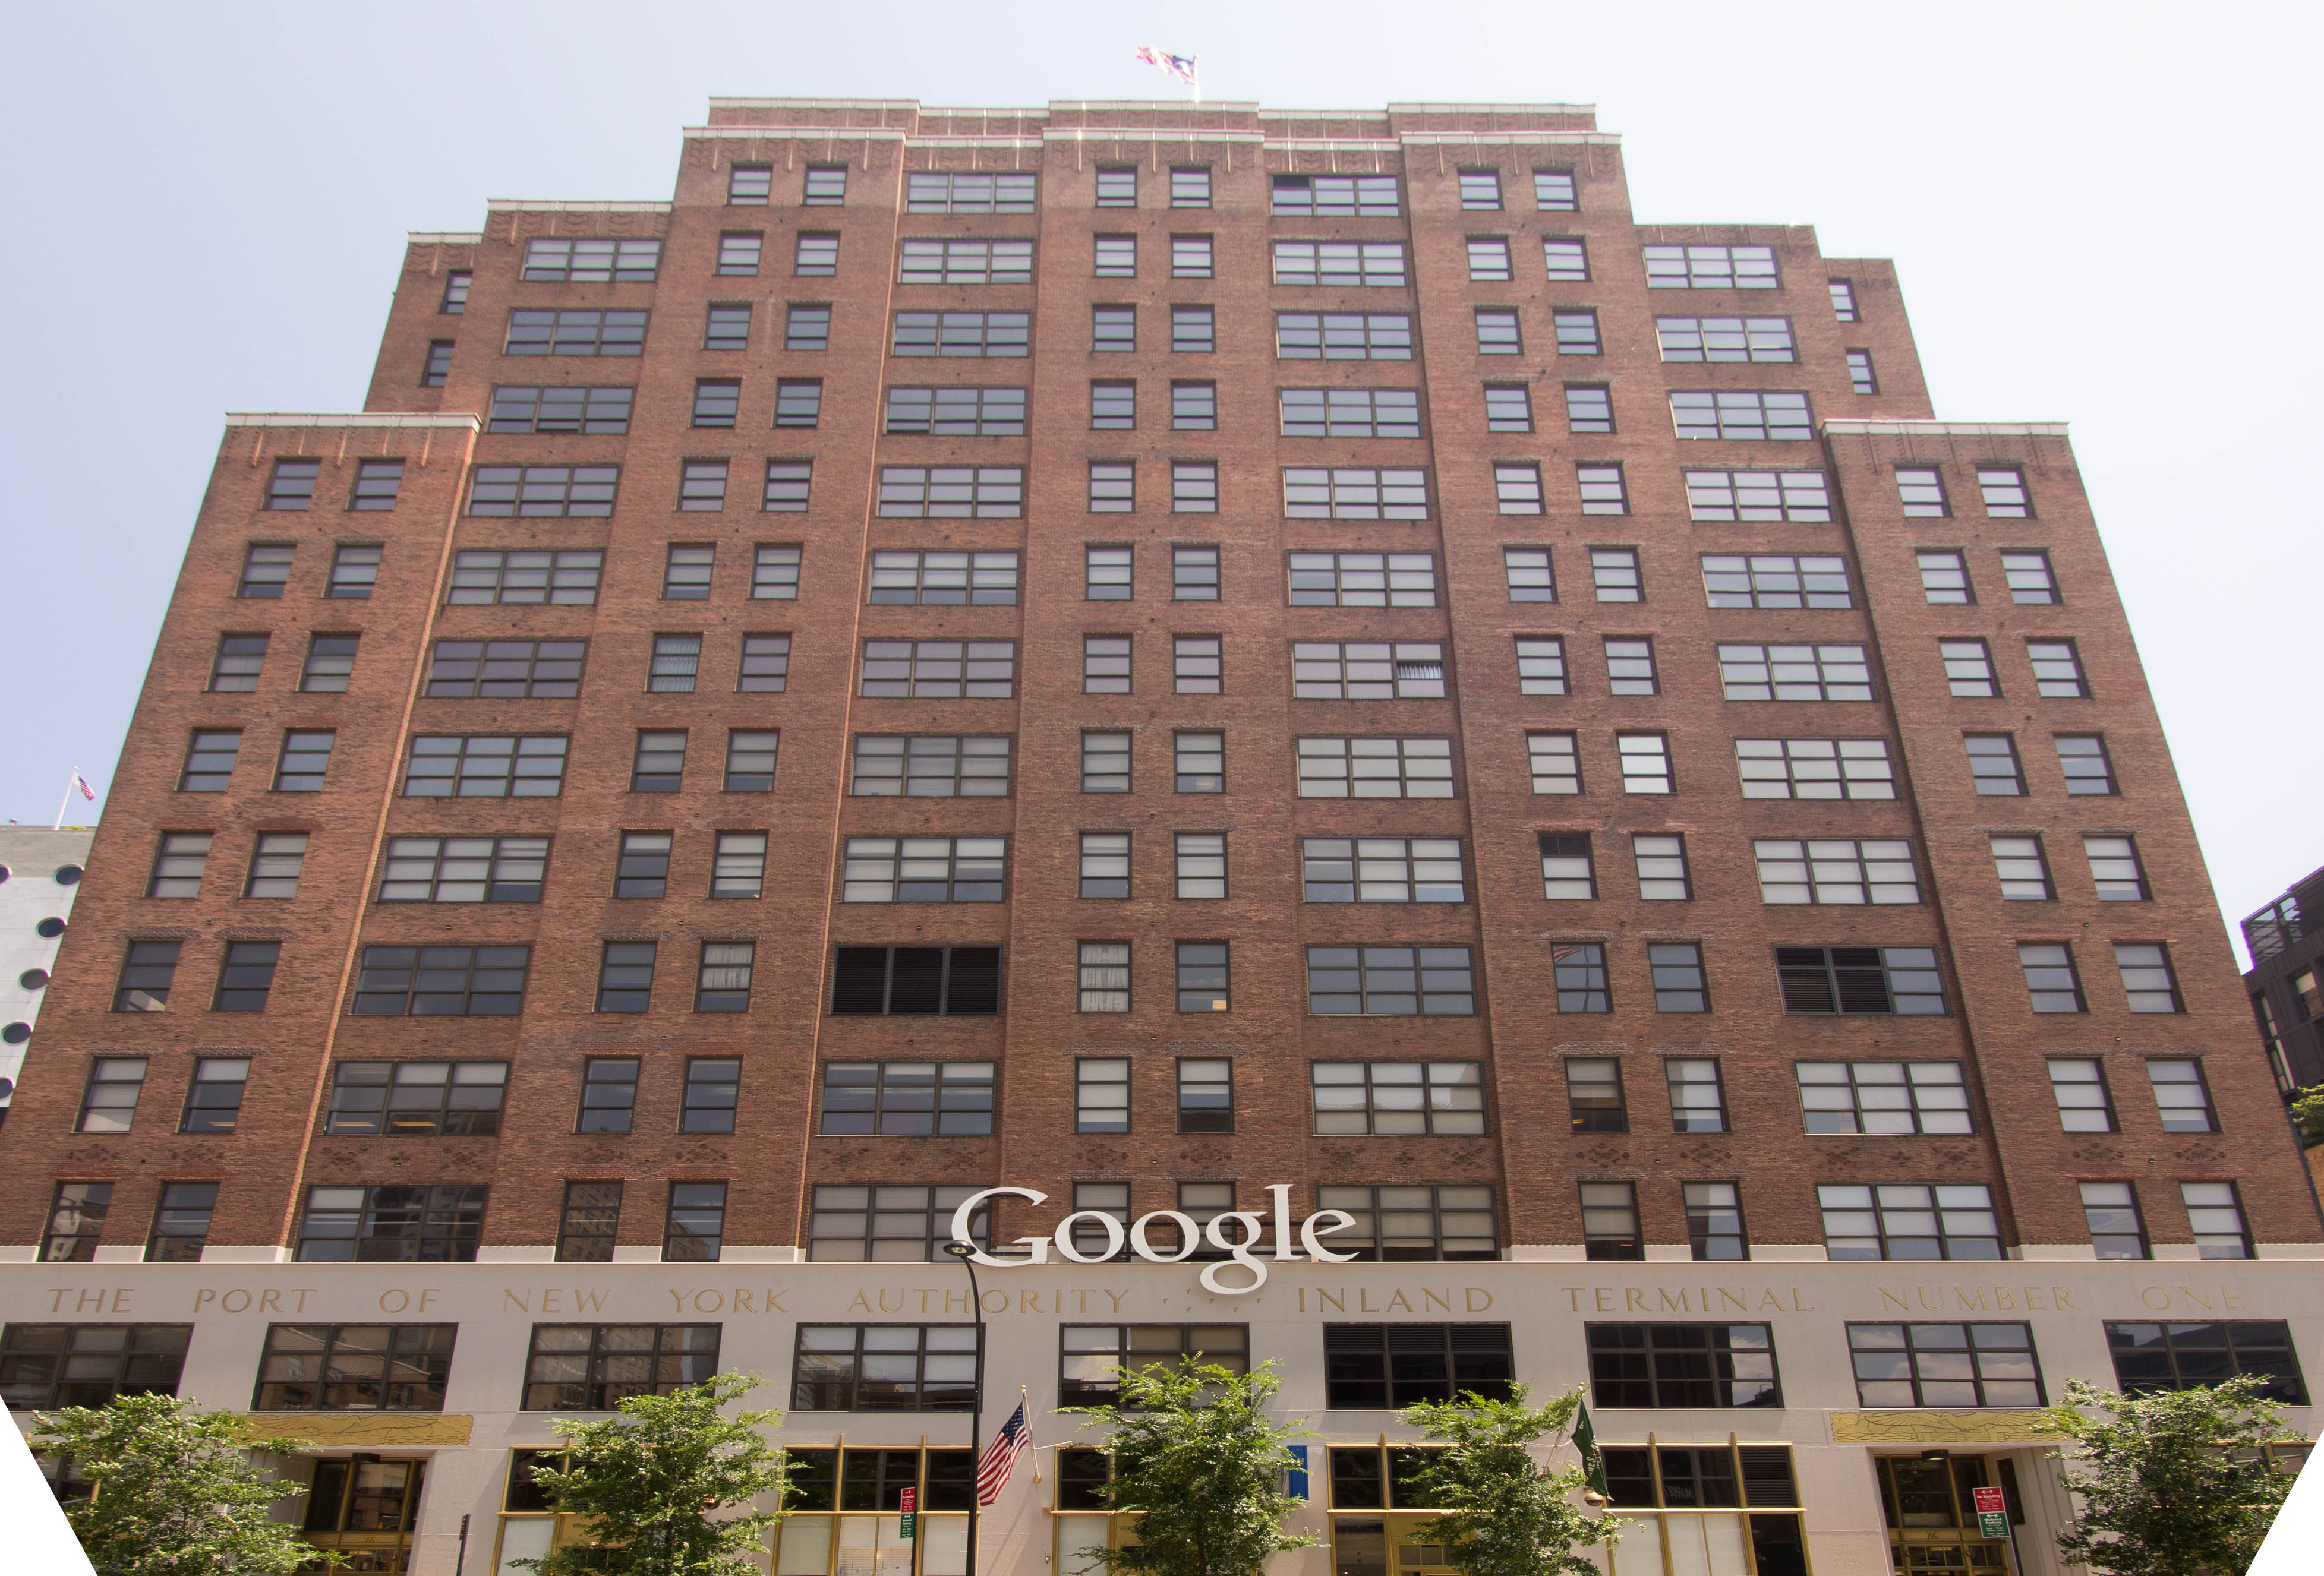 Google è arrivato in un quartiere noto per una vecchia e celebre fabbrica / Wikimedia commons